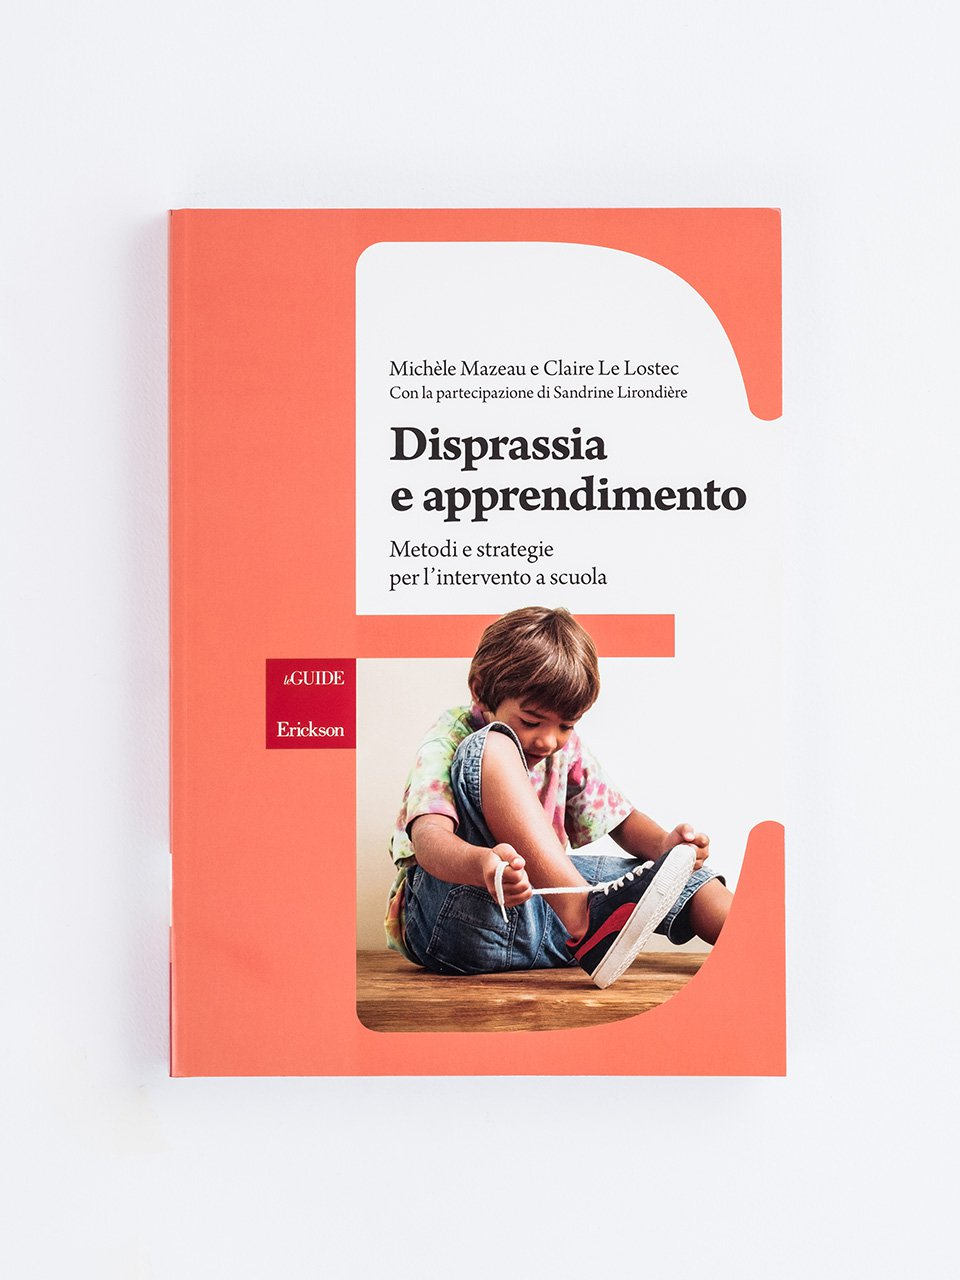 Disprassia e apprendimento - Educare all'espressione artistica - Libri - Erickson